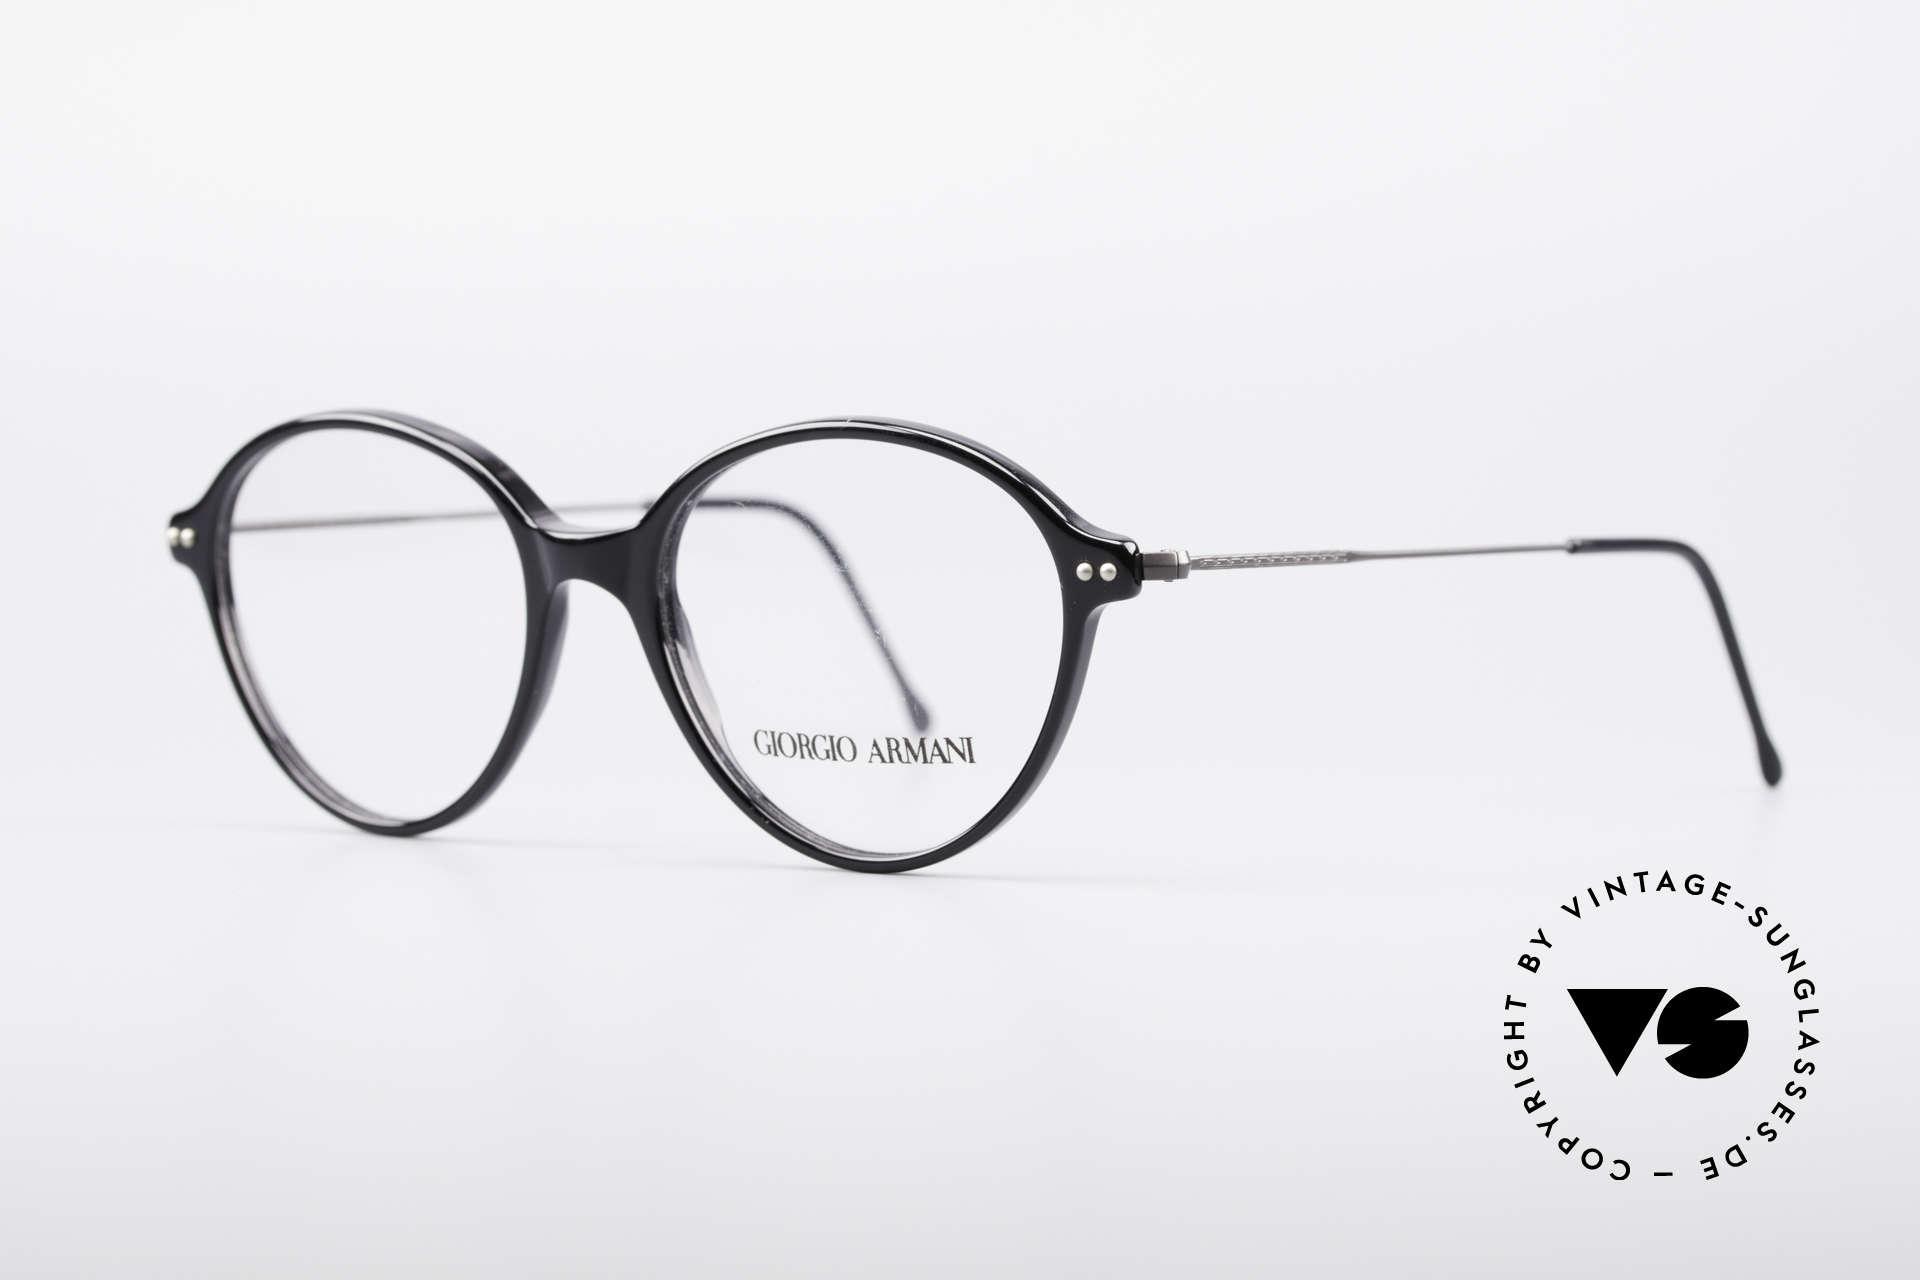 Giorgio Armani 374 90er Unisex Vintage Brille, Kunststoff-Front mit fein verzierten Draht-Bügeln, Passend für Herren und Damen